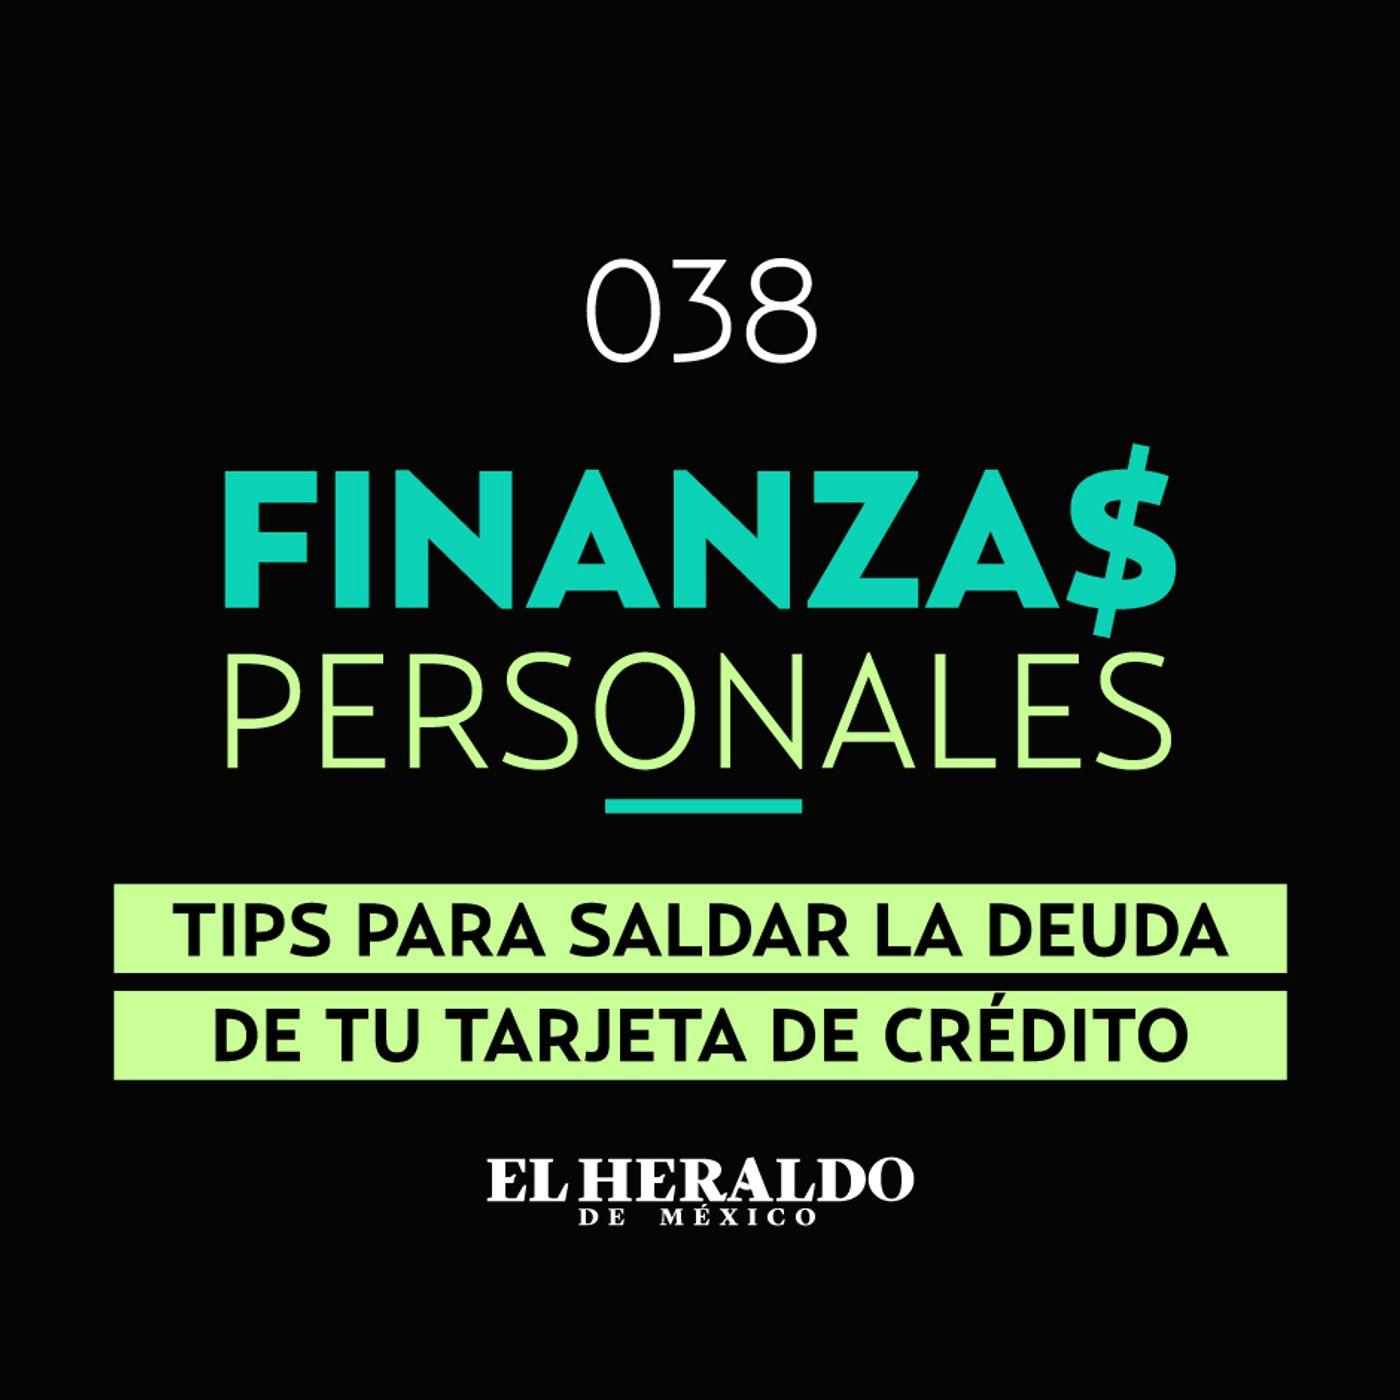 Tarjeta de Crédito | Finanzas Personales: cómo pagar tu deuda rápido y fácilmente